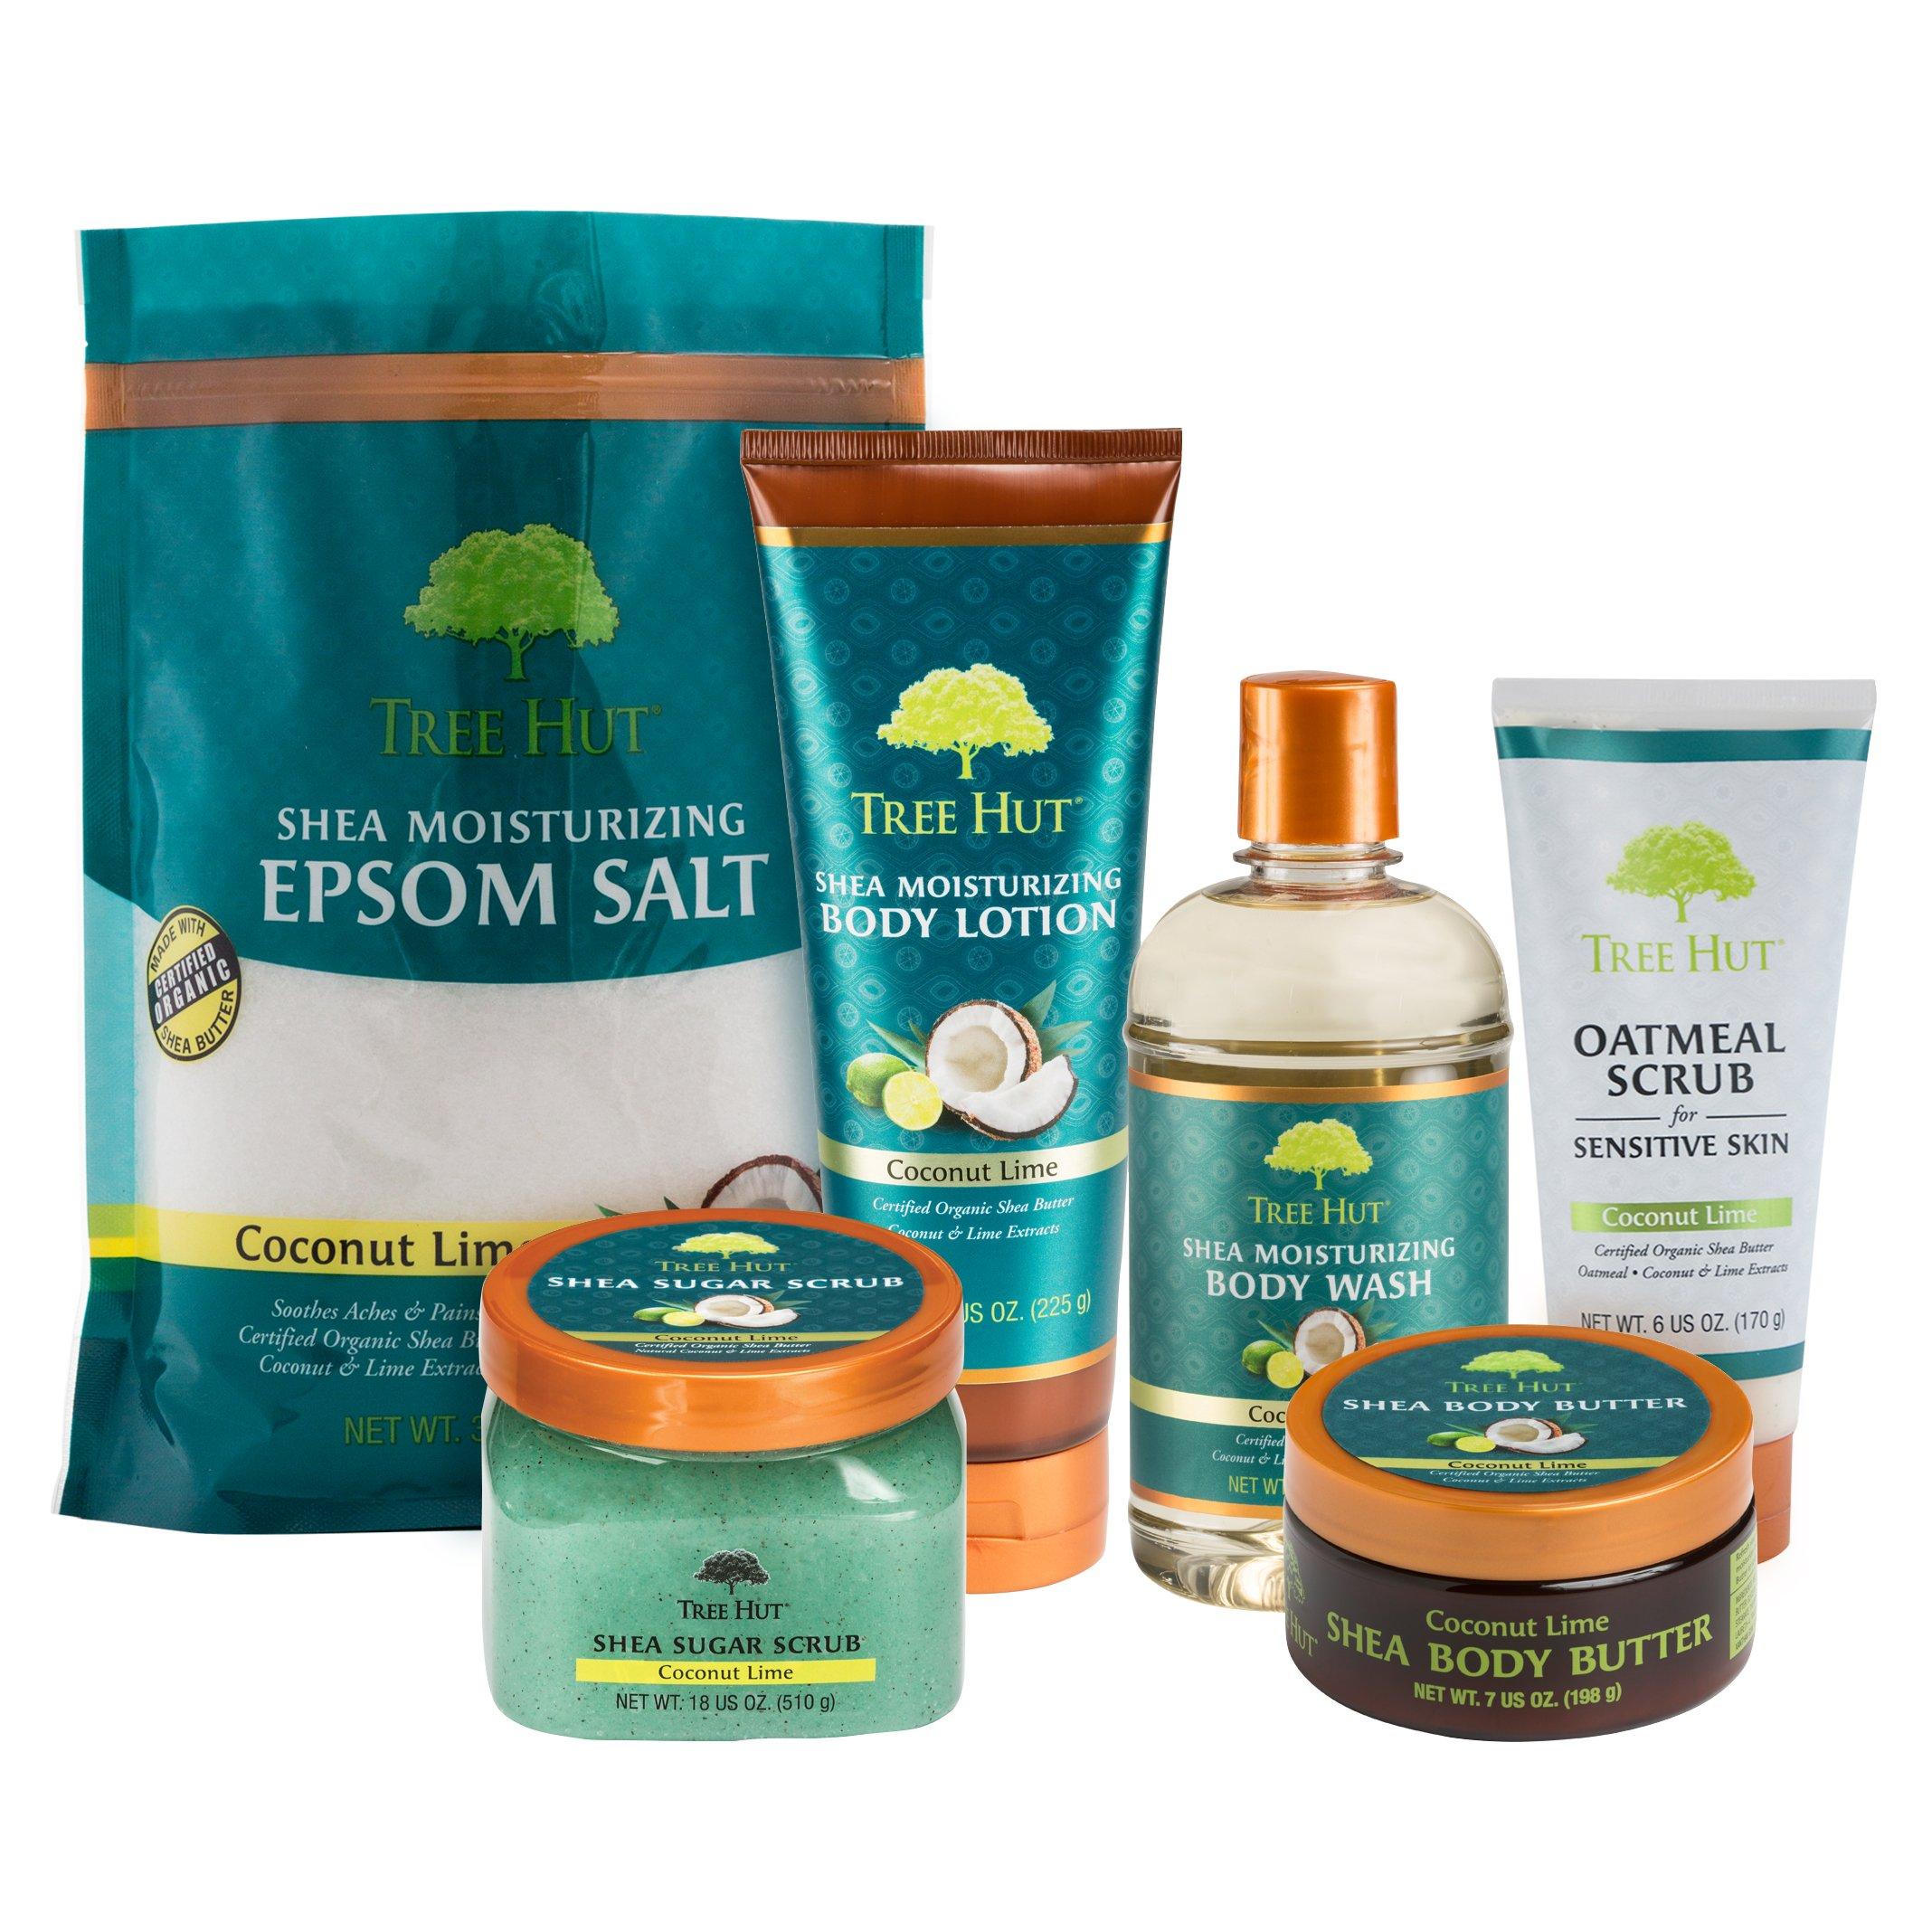 Tree Hut Shea Moisturizing Epsom Salt, Coconut